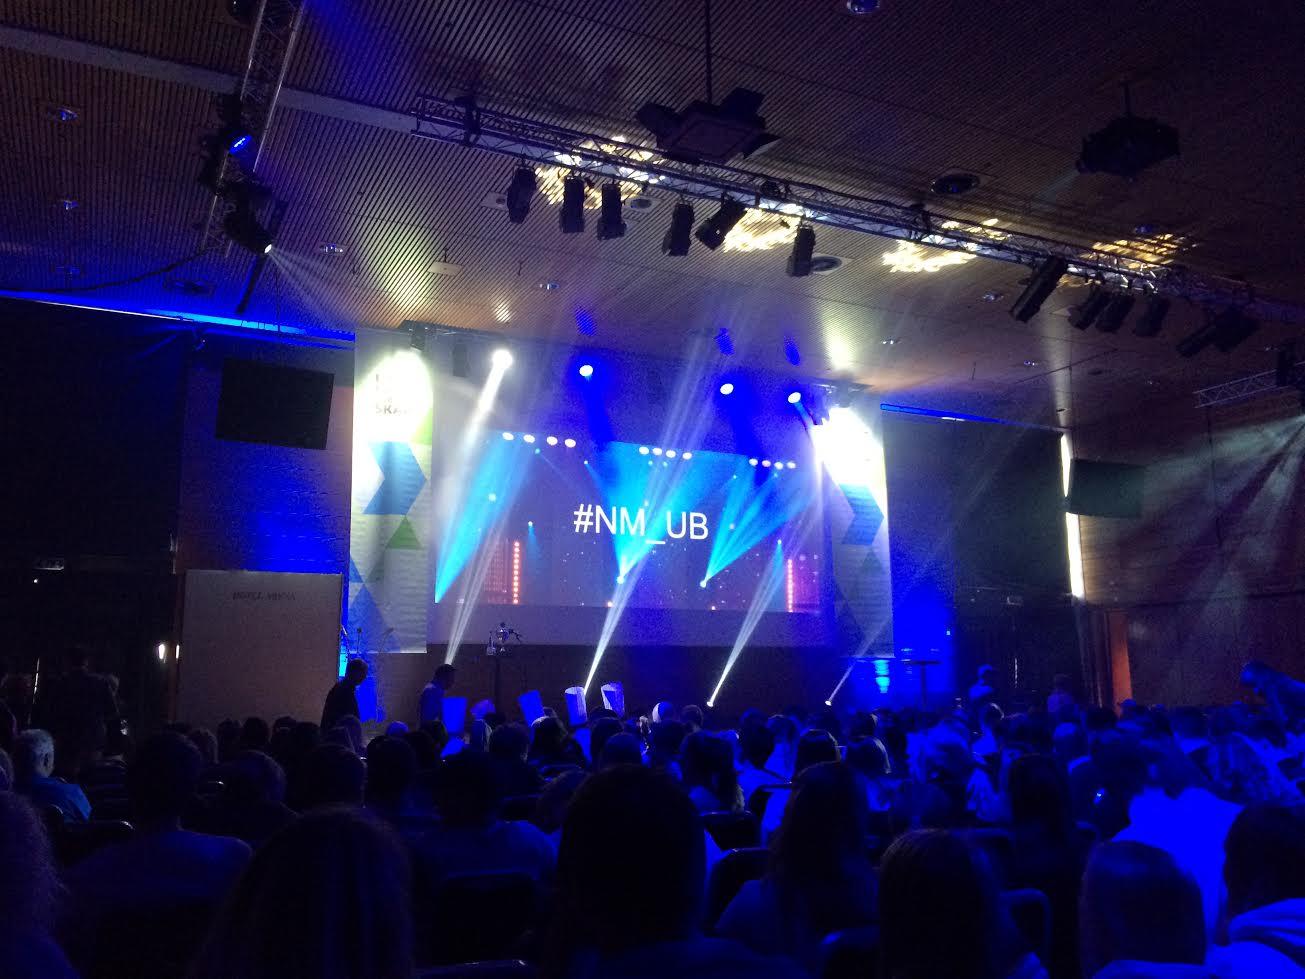 NM i Ungdomsbedrift på Thon Hotel Arena i Lillestrøm.